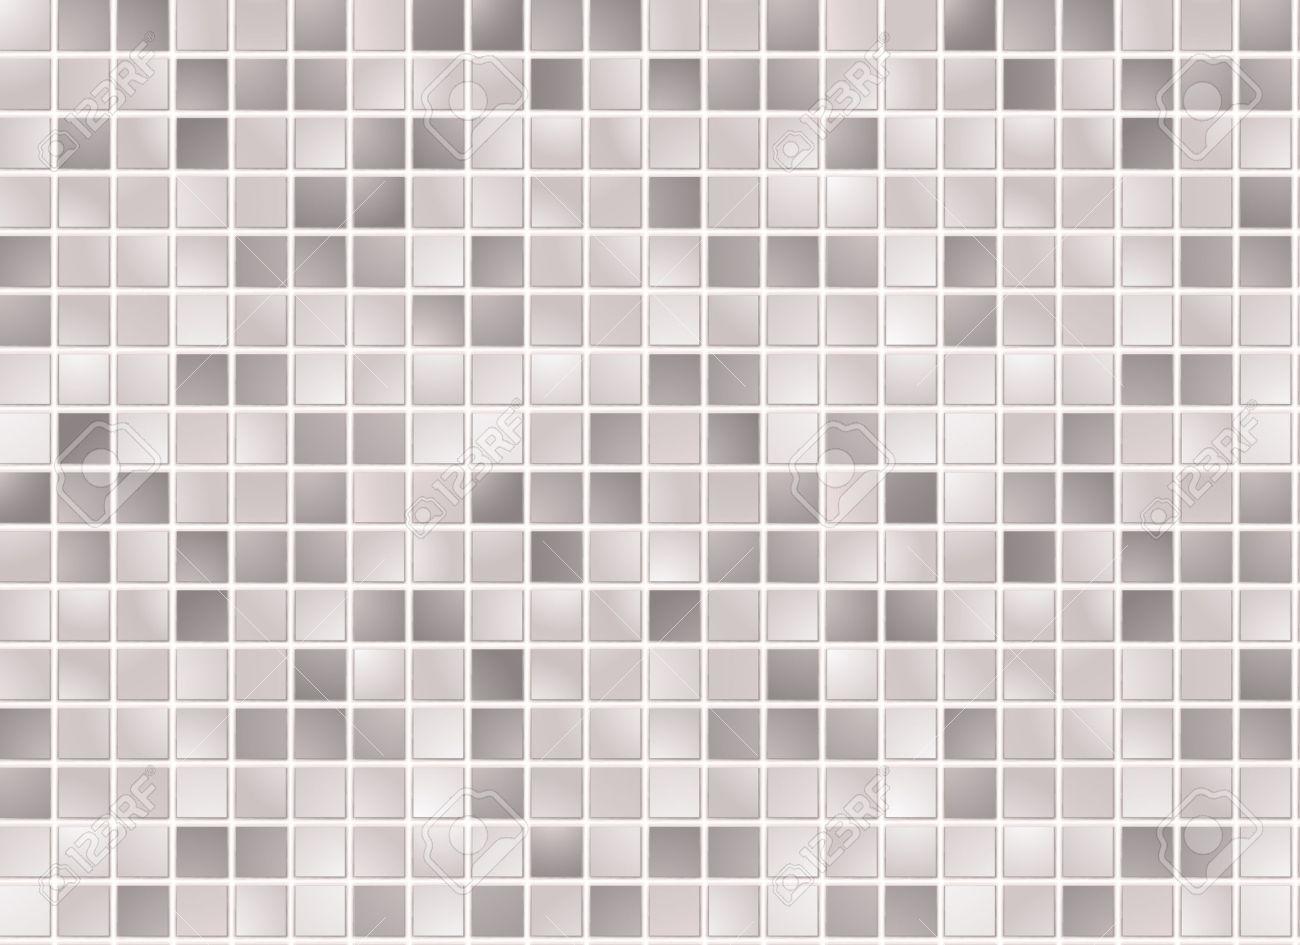 Fliesen textur grau  Nahtlose Grau Quadratischen Fliesen Muster Lizenzfrei Nutzbare ...